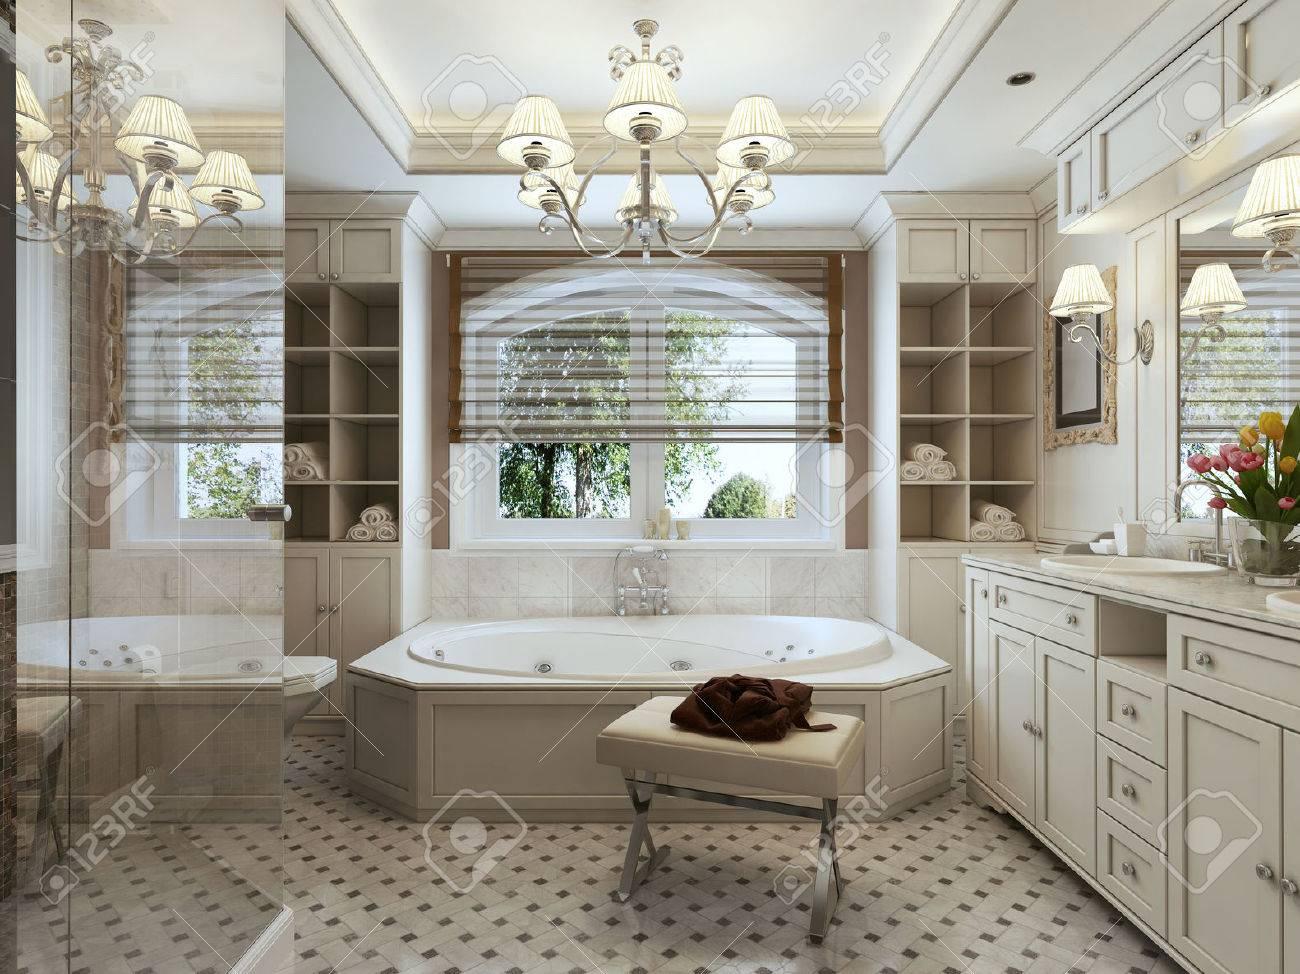 Salle de bains Art déco. 3d render